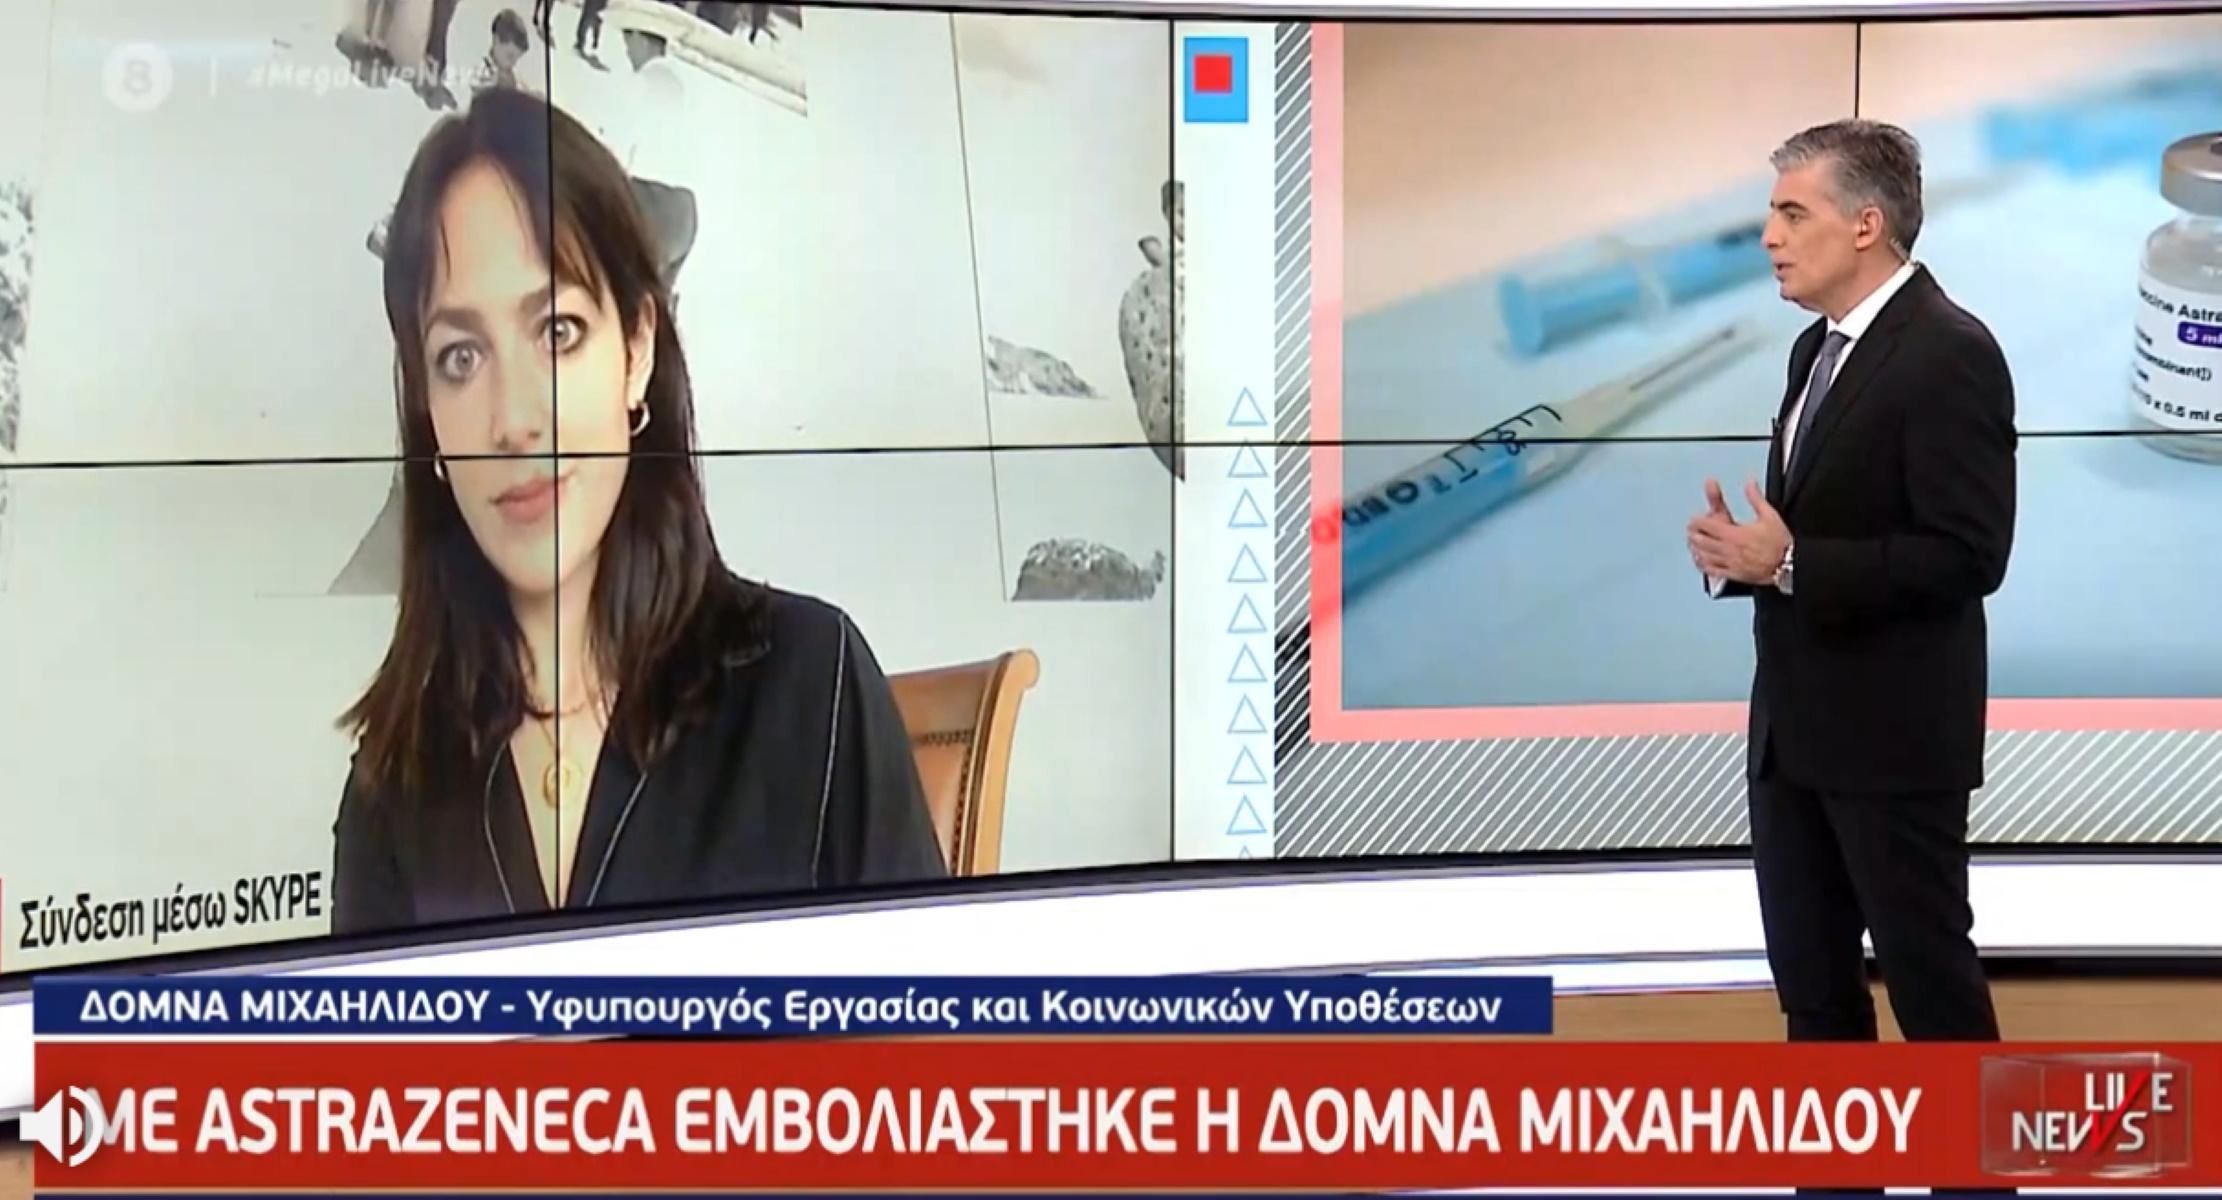 Η Δόμνα Μιχαηλίδου στο «Live News» λίγες ώρες μετά τον εμβολιασμό της με AstraZeneca